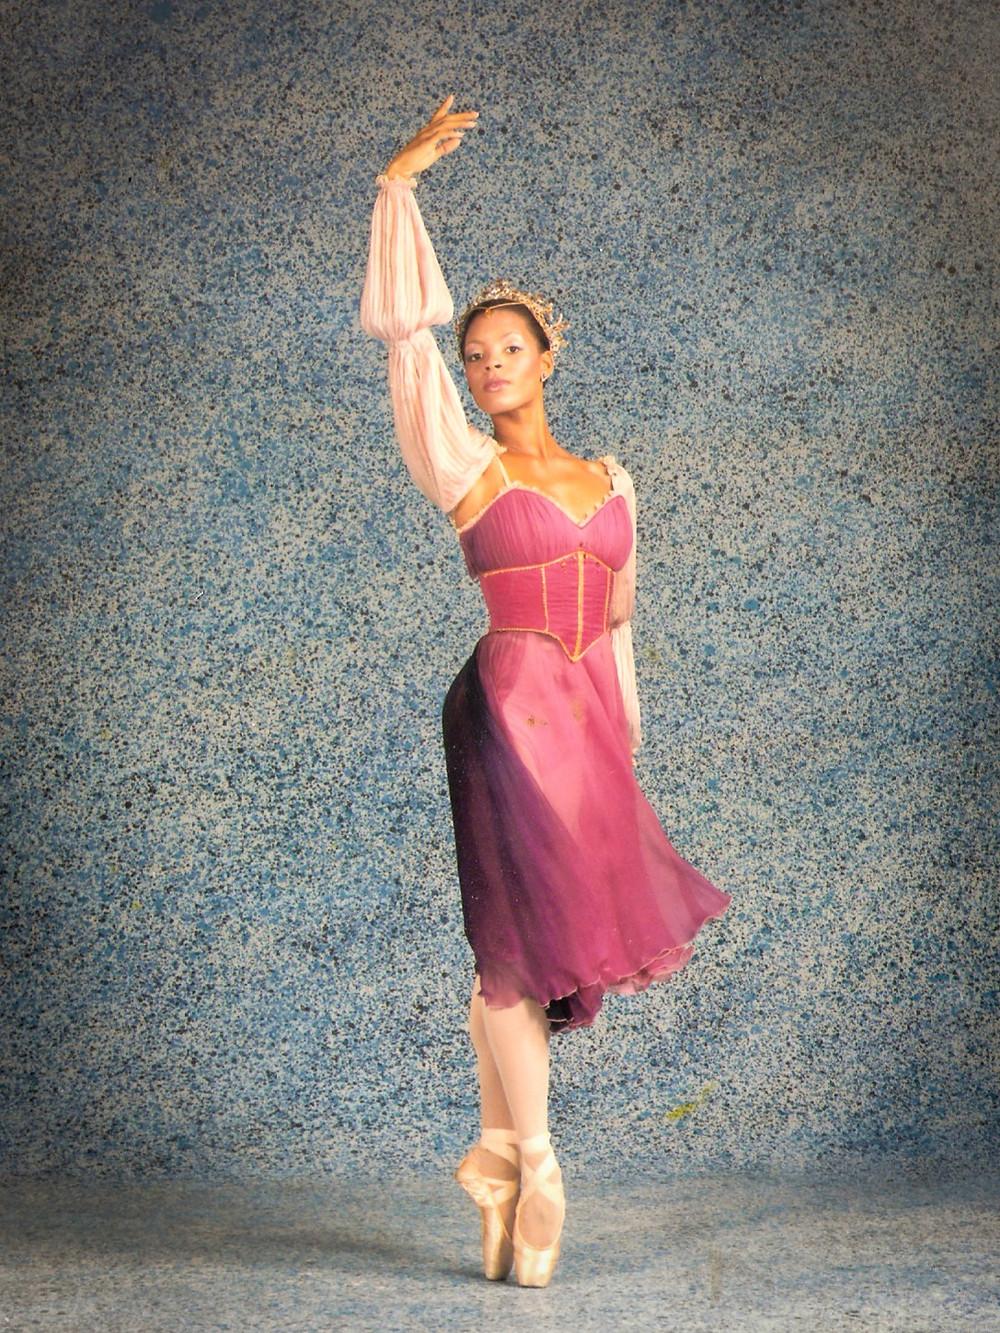 Ballet name, choreographer, etc...